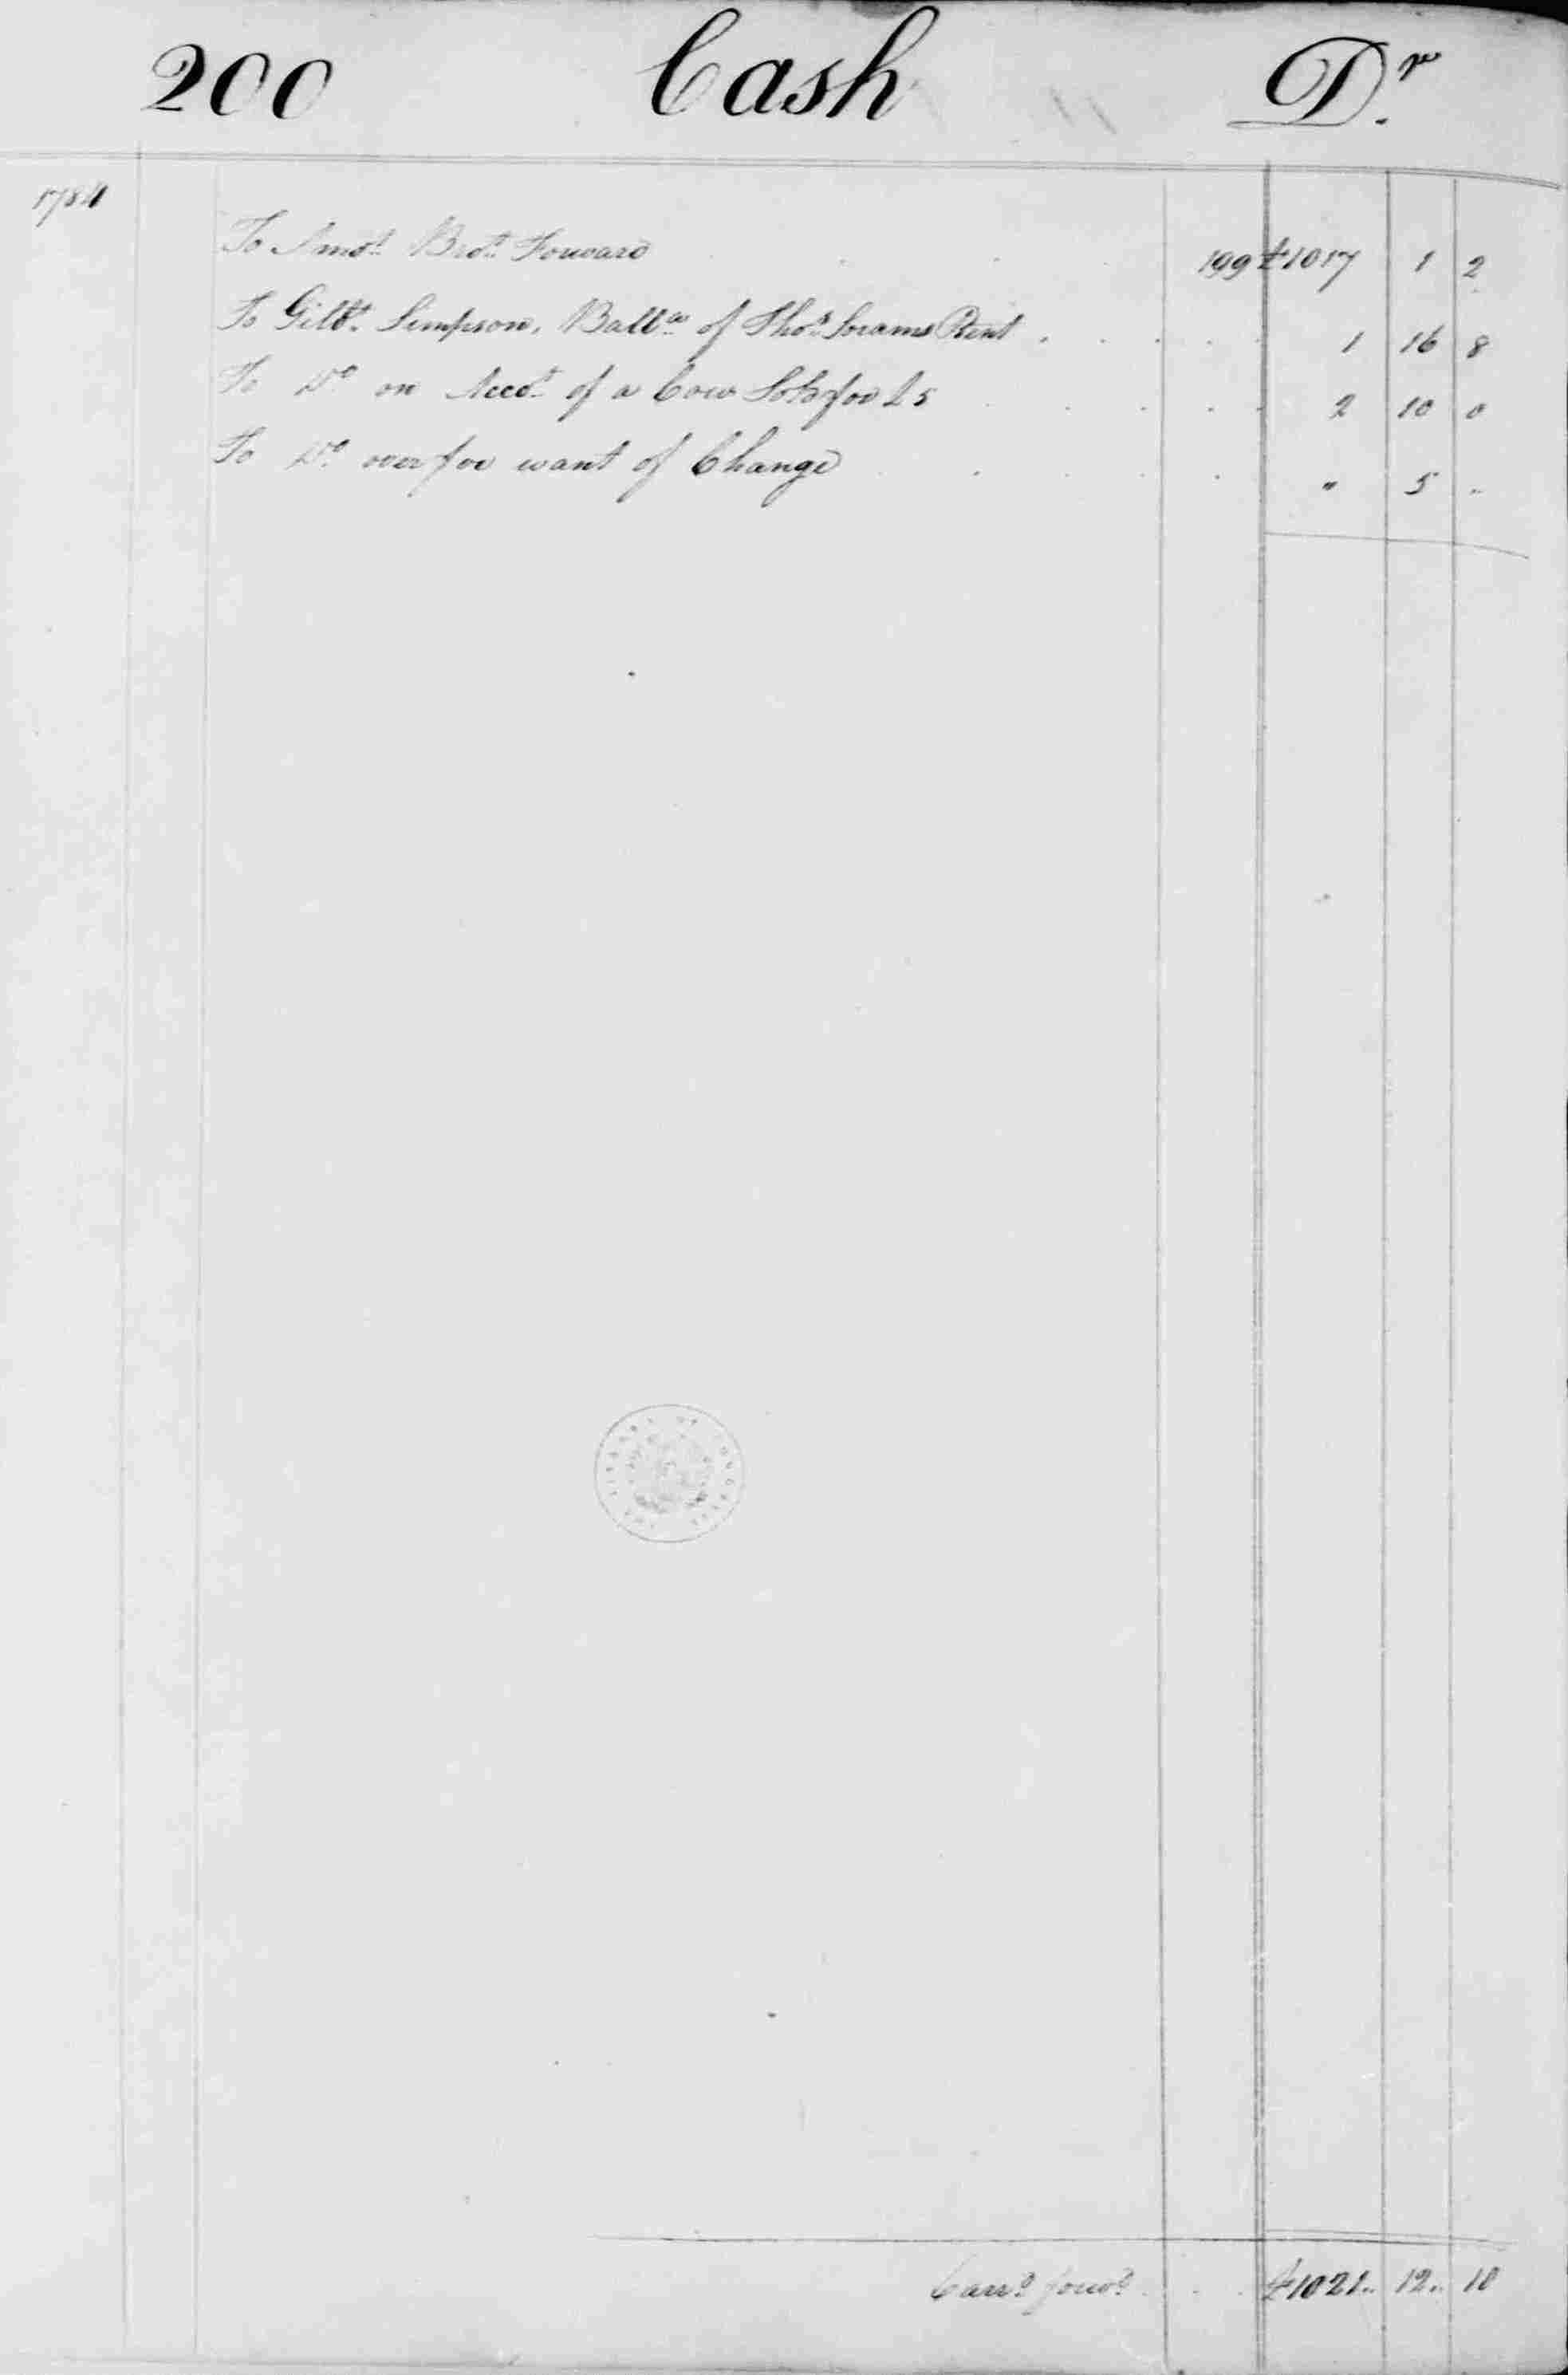 Ledger B, folio 200, left side